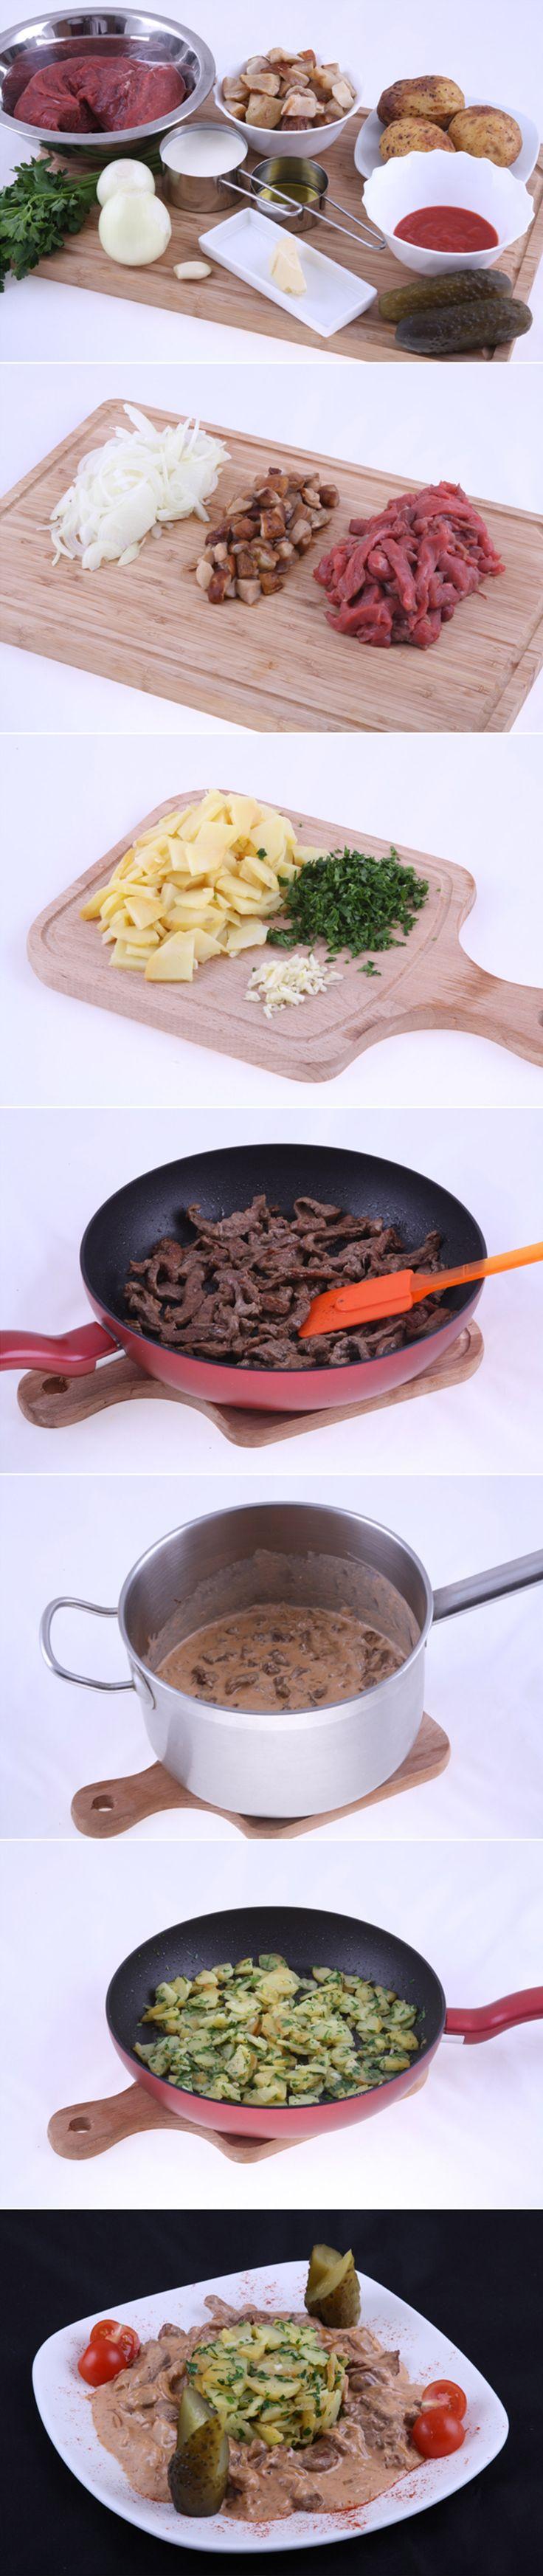 Бефстроганов из говяжьей вырезки с белыми грибами. Приготовление классического бефстроганова не вызывает сложностей, но результат всегда потрясающий. А наше блюдо станет еще вкуснее с грибами всего за 30 минут!  Полный список ингредиентов и способ приготовления блюда вы можете увидеть в...http://vk.com/dinnerday; http://instagram.com/dinnerday #dinnerday #рецепт #бефстроганов #говядина #кулинария #еда #food #cook #recipe #мясо #meat #beef